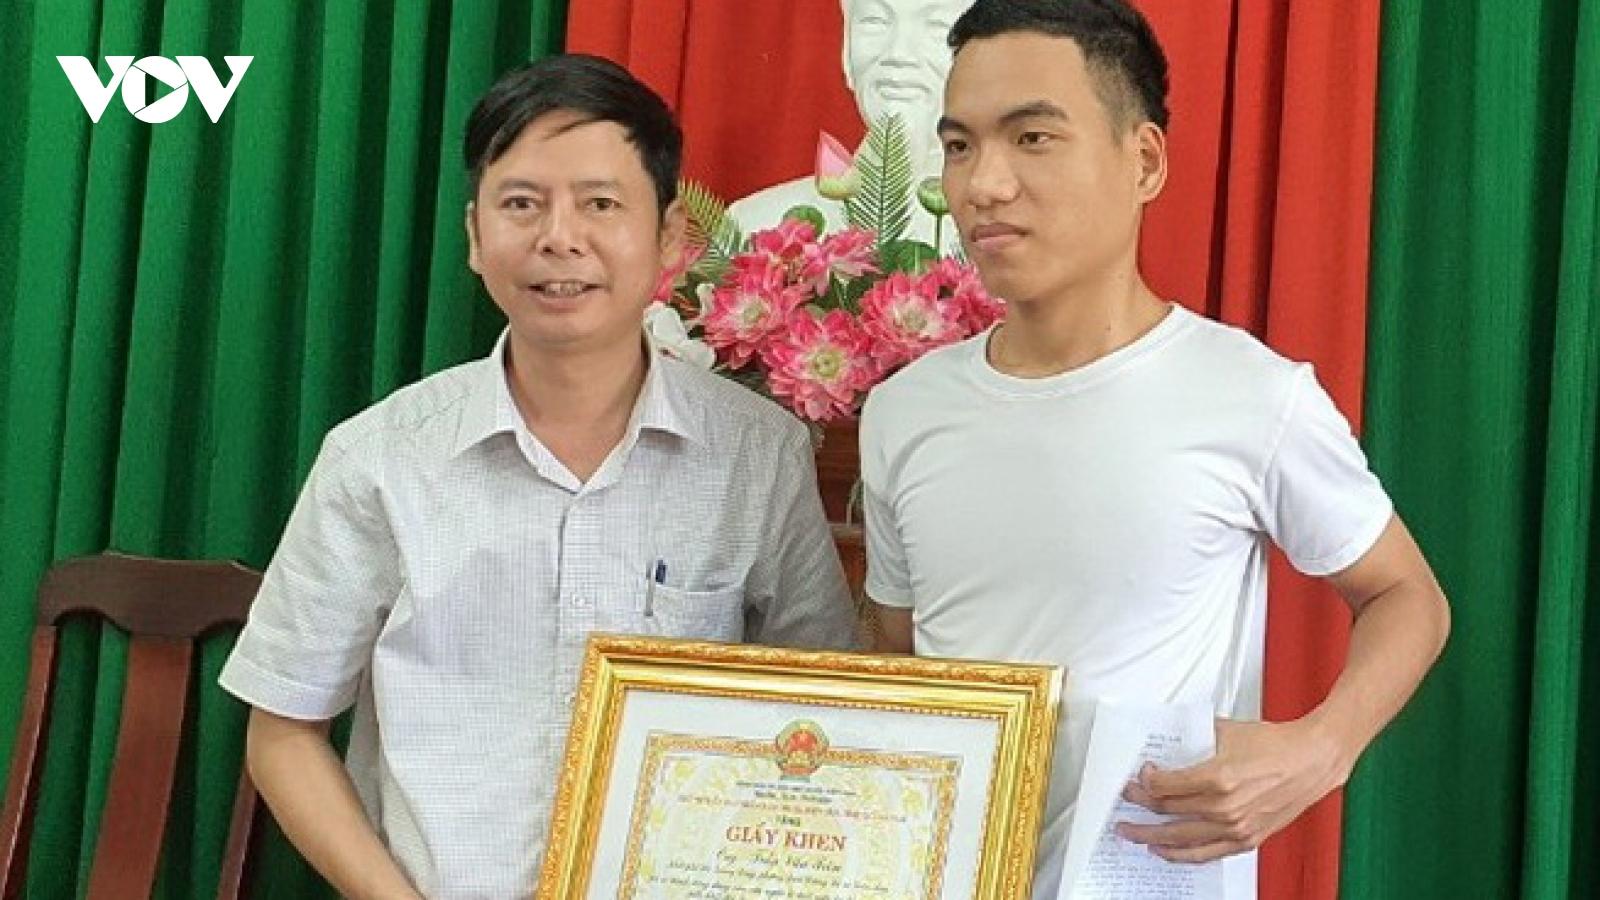 Khen thưởng thanh niên bơi ra biển cứu 3 em học sinh đuối nước ở Quảng Nam